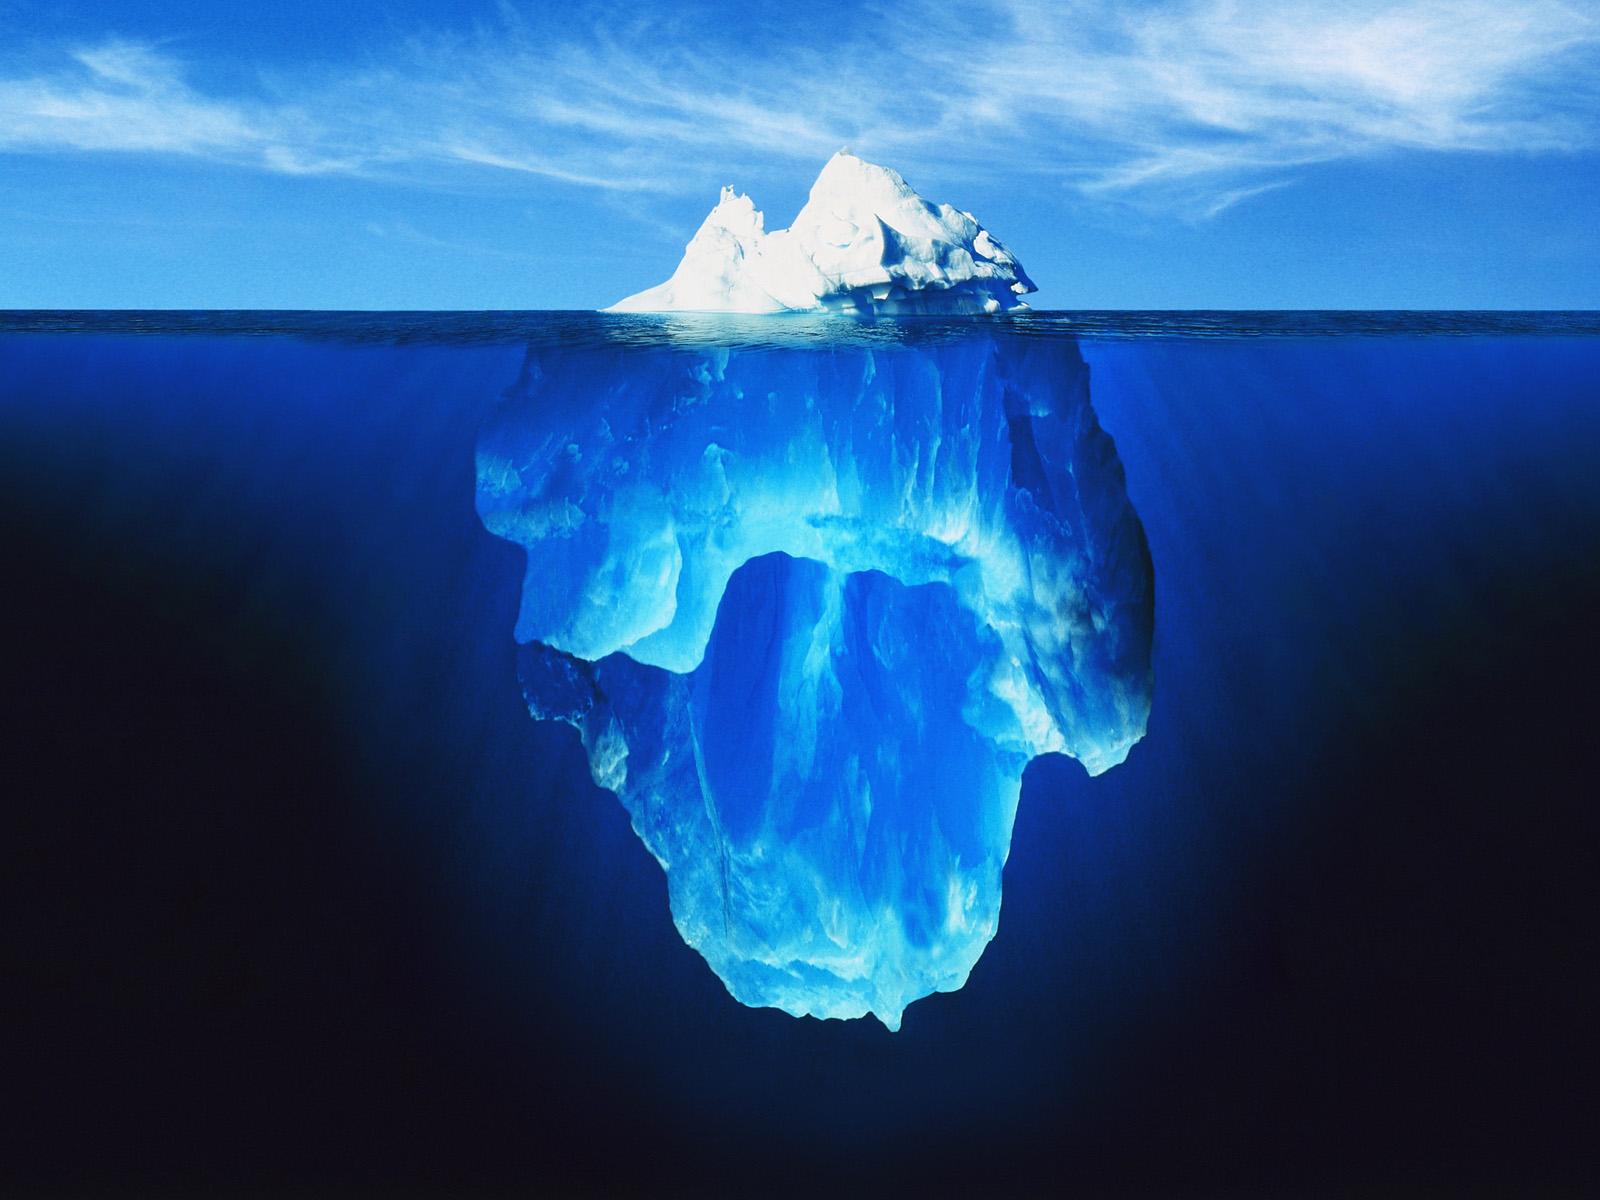 Вчені показали гігантський айсберг, який відколовся від Антарктиди